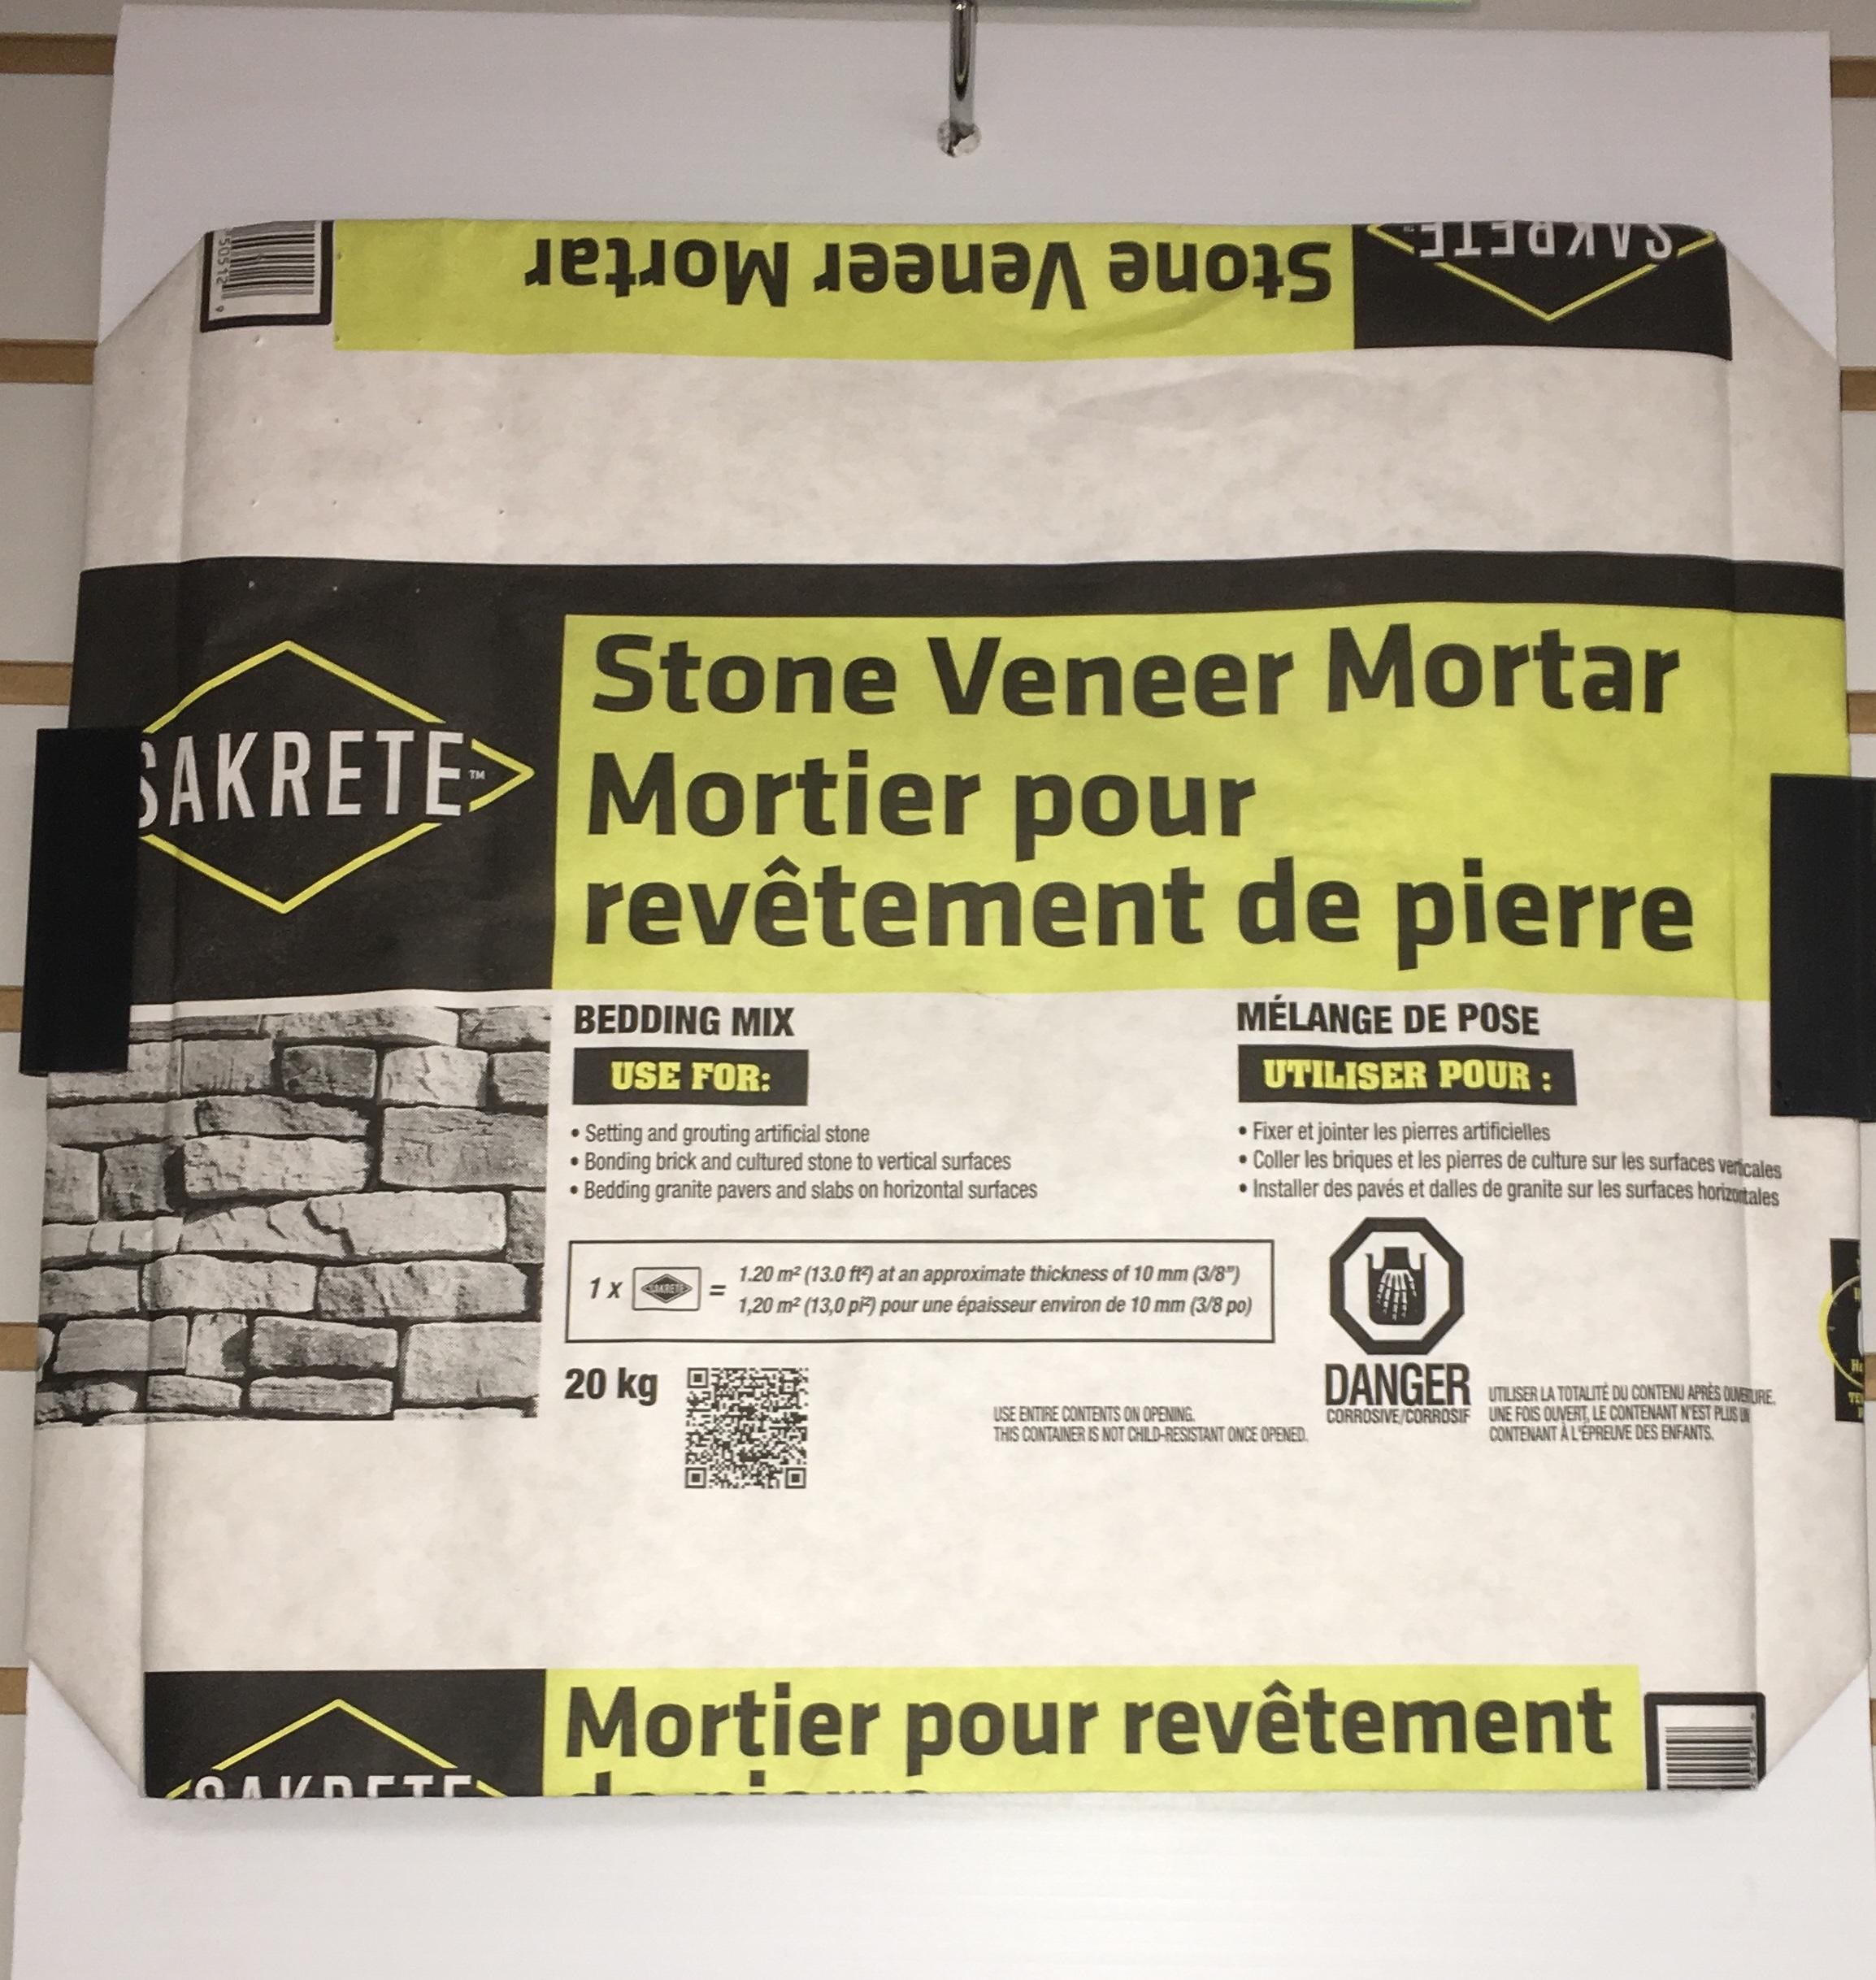 sakrete stone veneer mortar